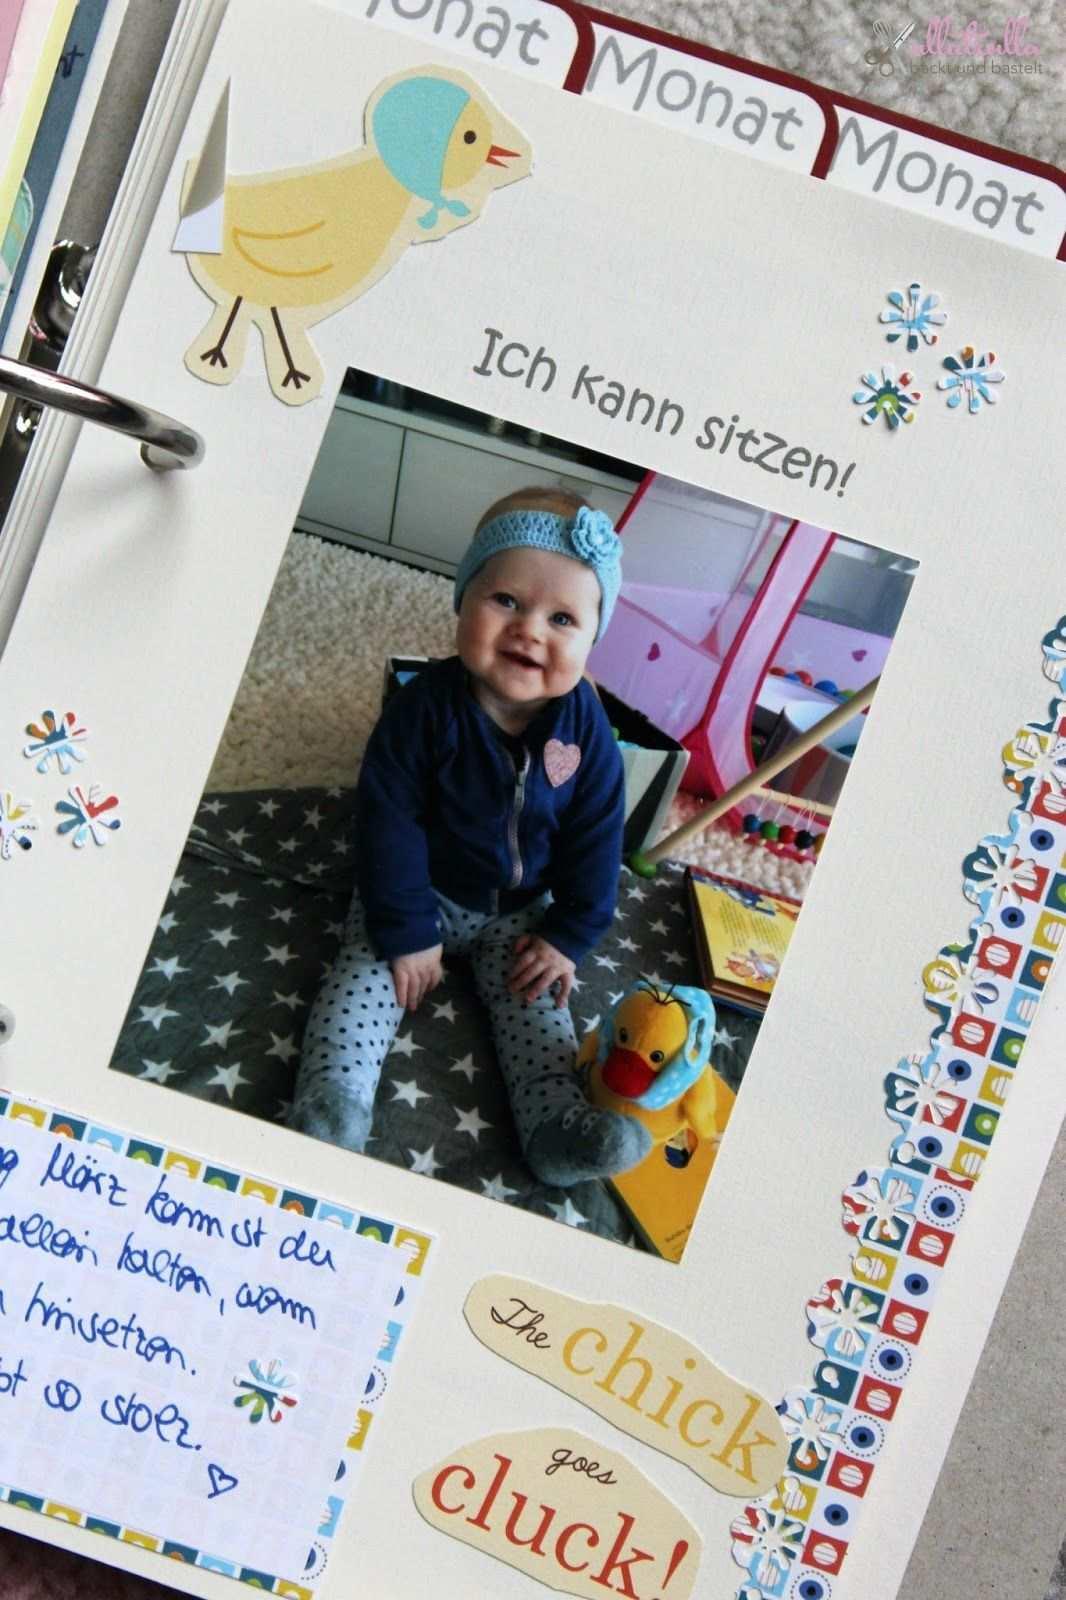 Diy Babyalbum Selber Gestalten Gewinnspiel Geschlossen Fotoalbum Gestalten Baby Fotoalbum Gestalten Kind Babyalbum